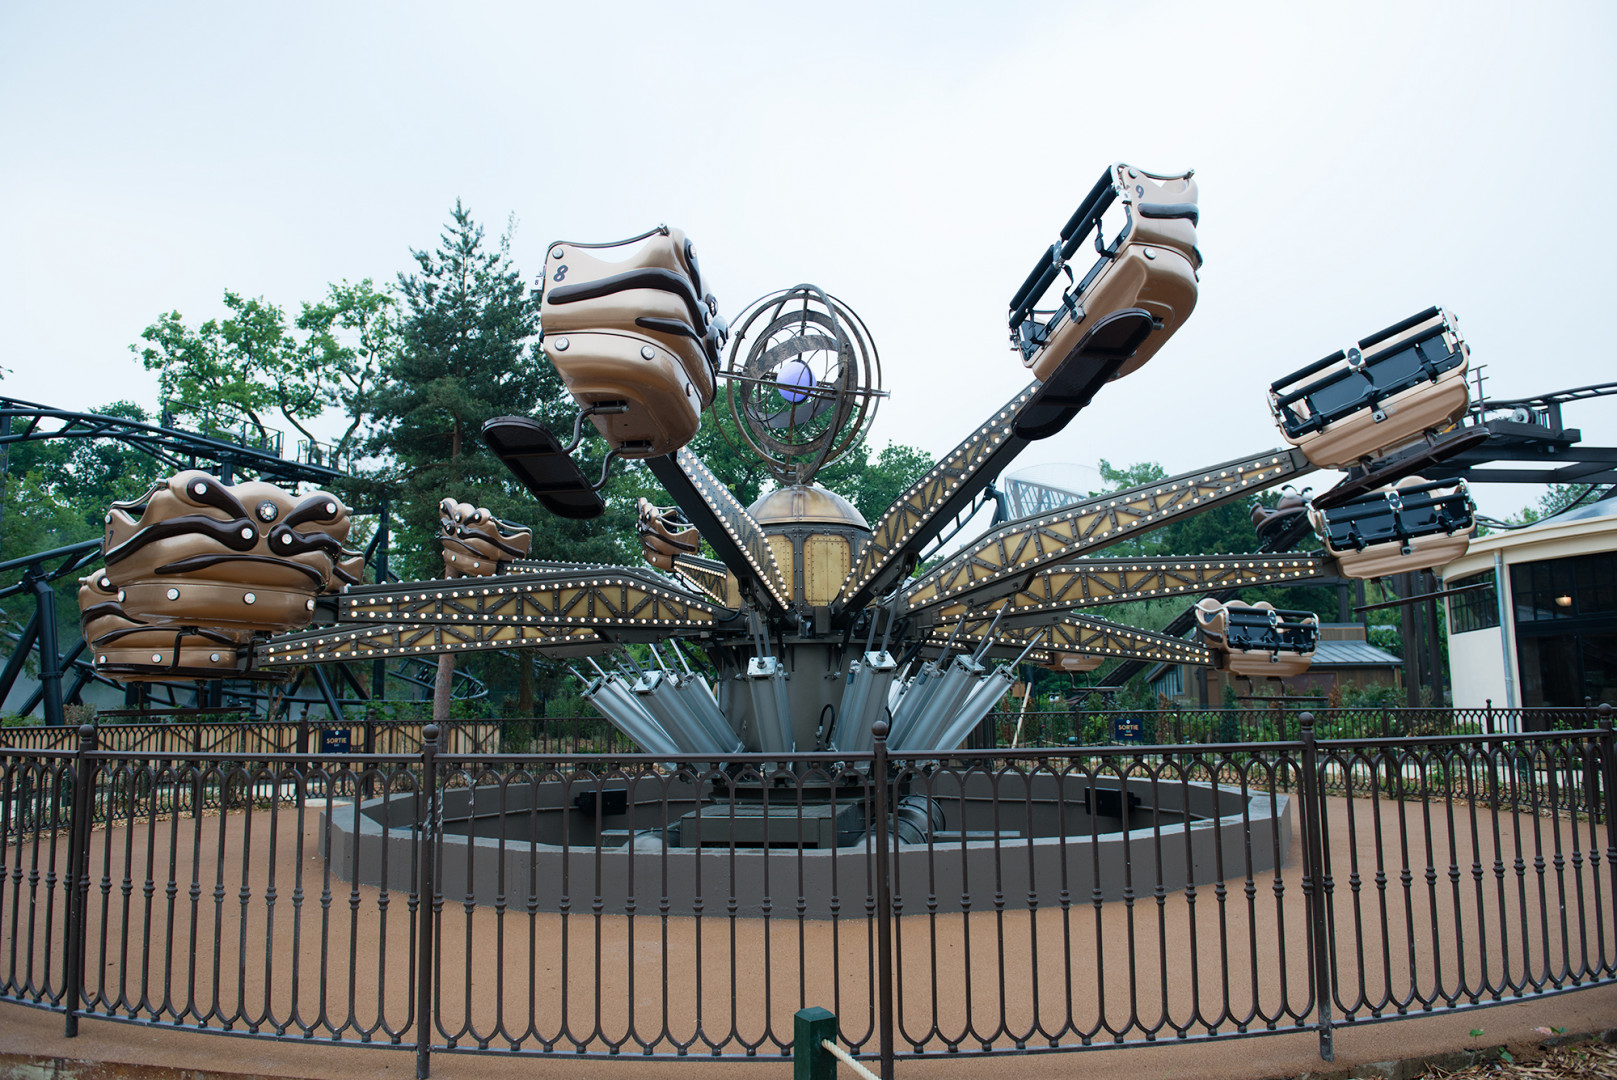 Avec ses capsules qui bondissent en marche avant et arrière, l'Astrolabe est une attraction plus intense qu'il n'y paraît.